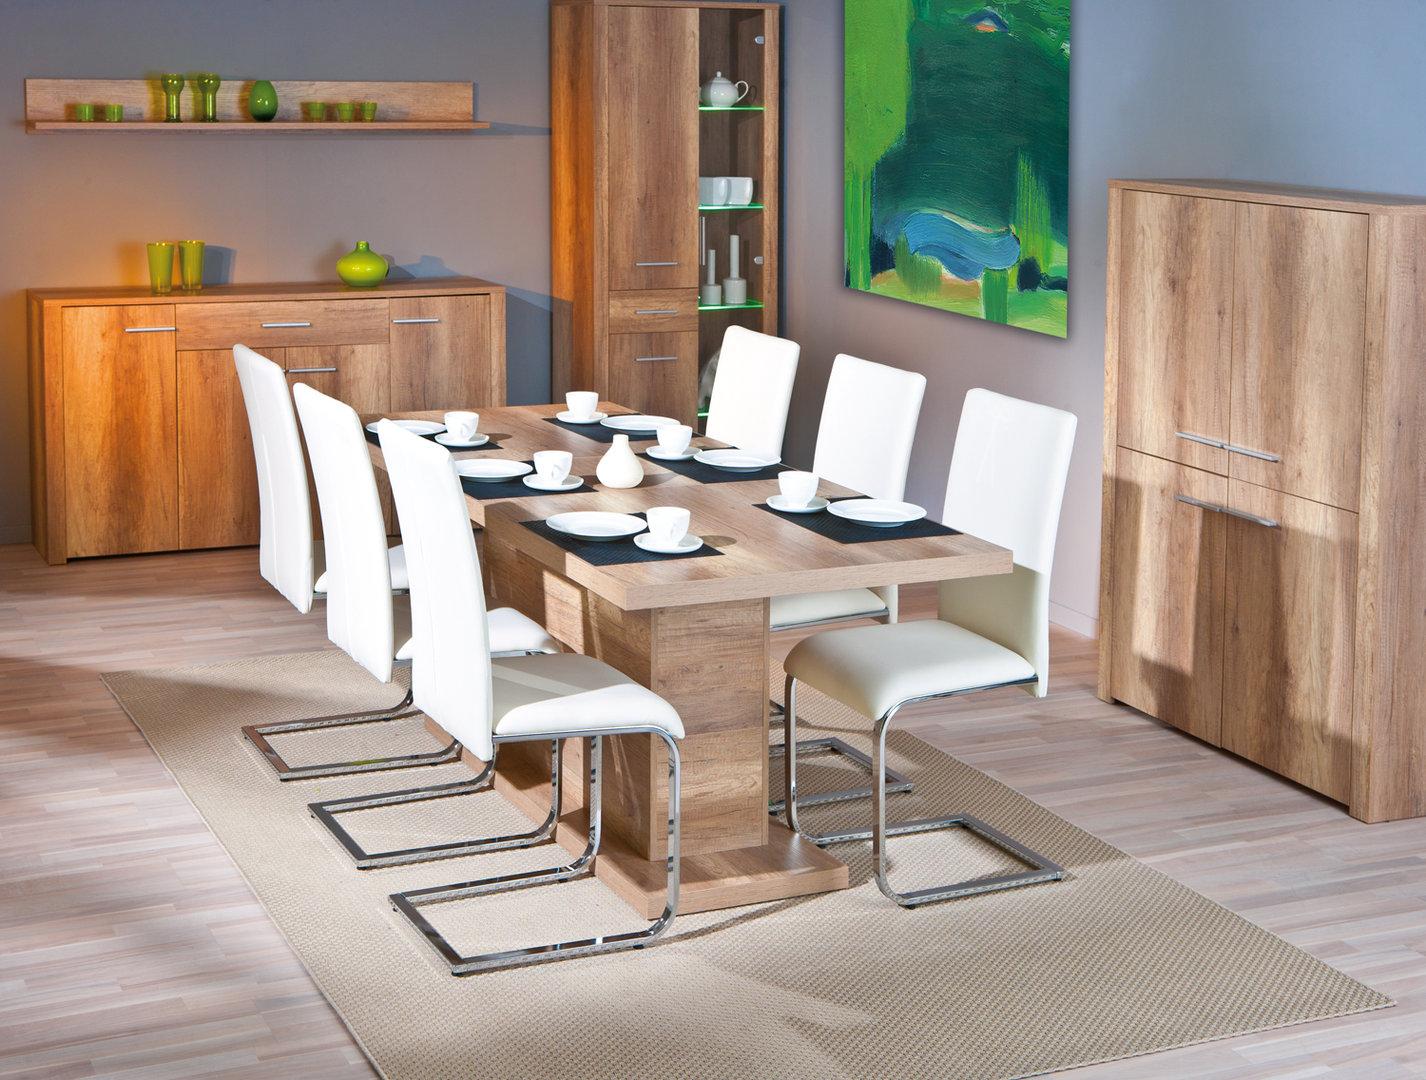 Sedia Moderna Nancy Sedie Per Ufficio Tavolo Da Pranzo Di Design #A45F27 1426 1080 Come Allungare Un Tavolo Da Pranzo